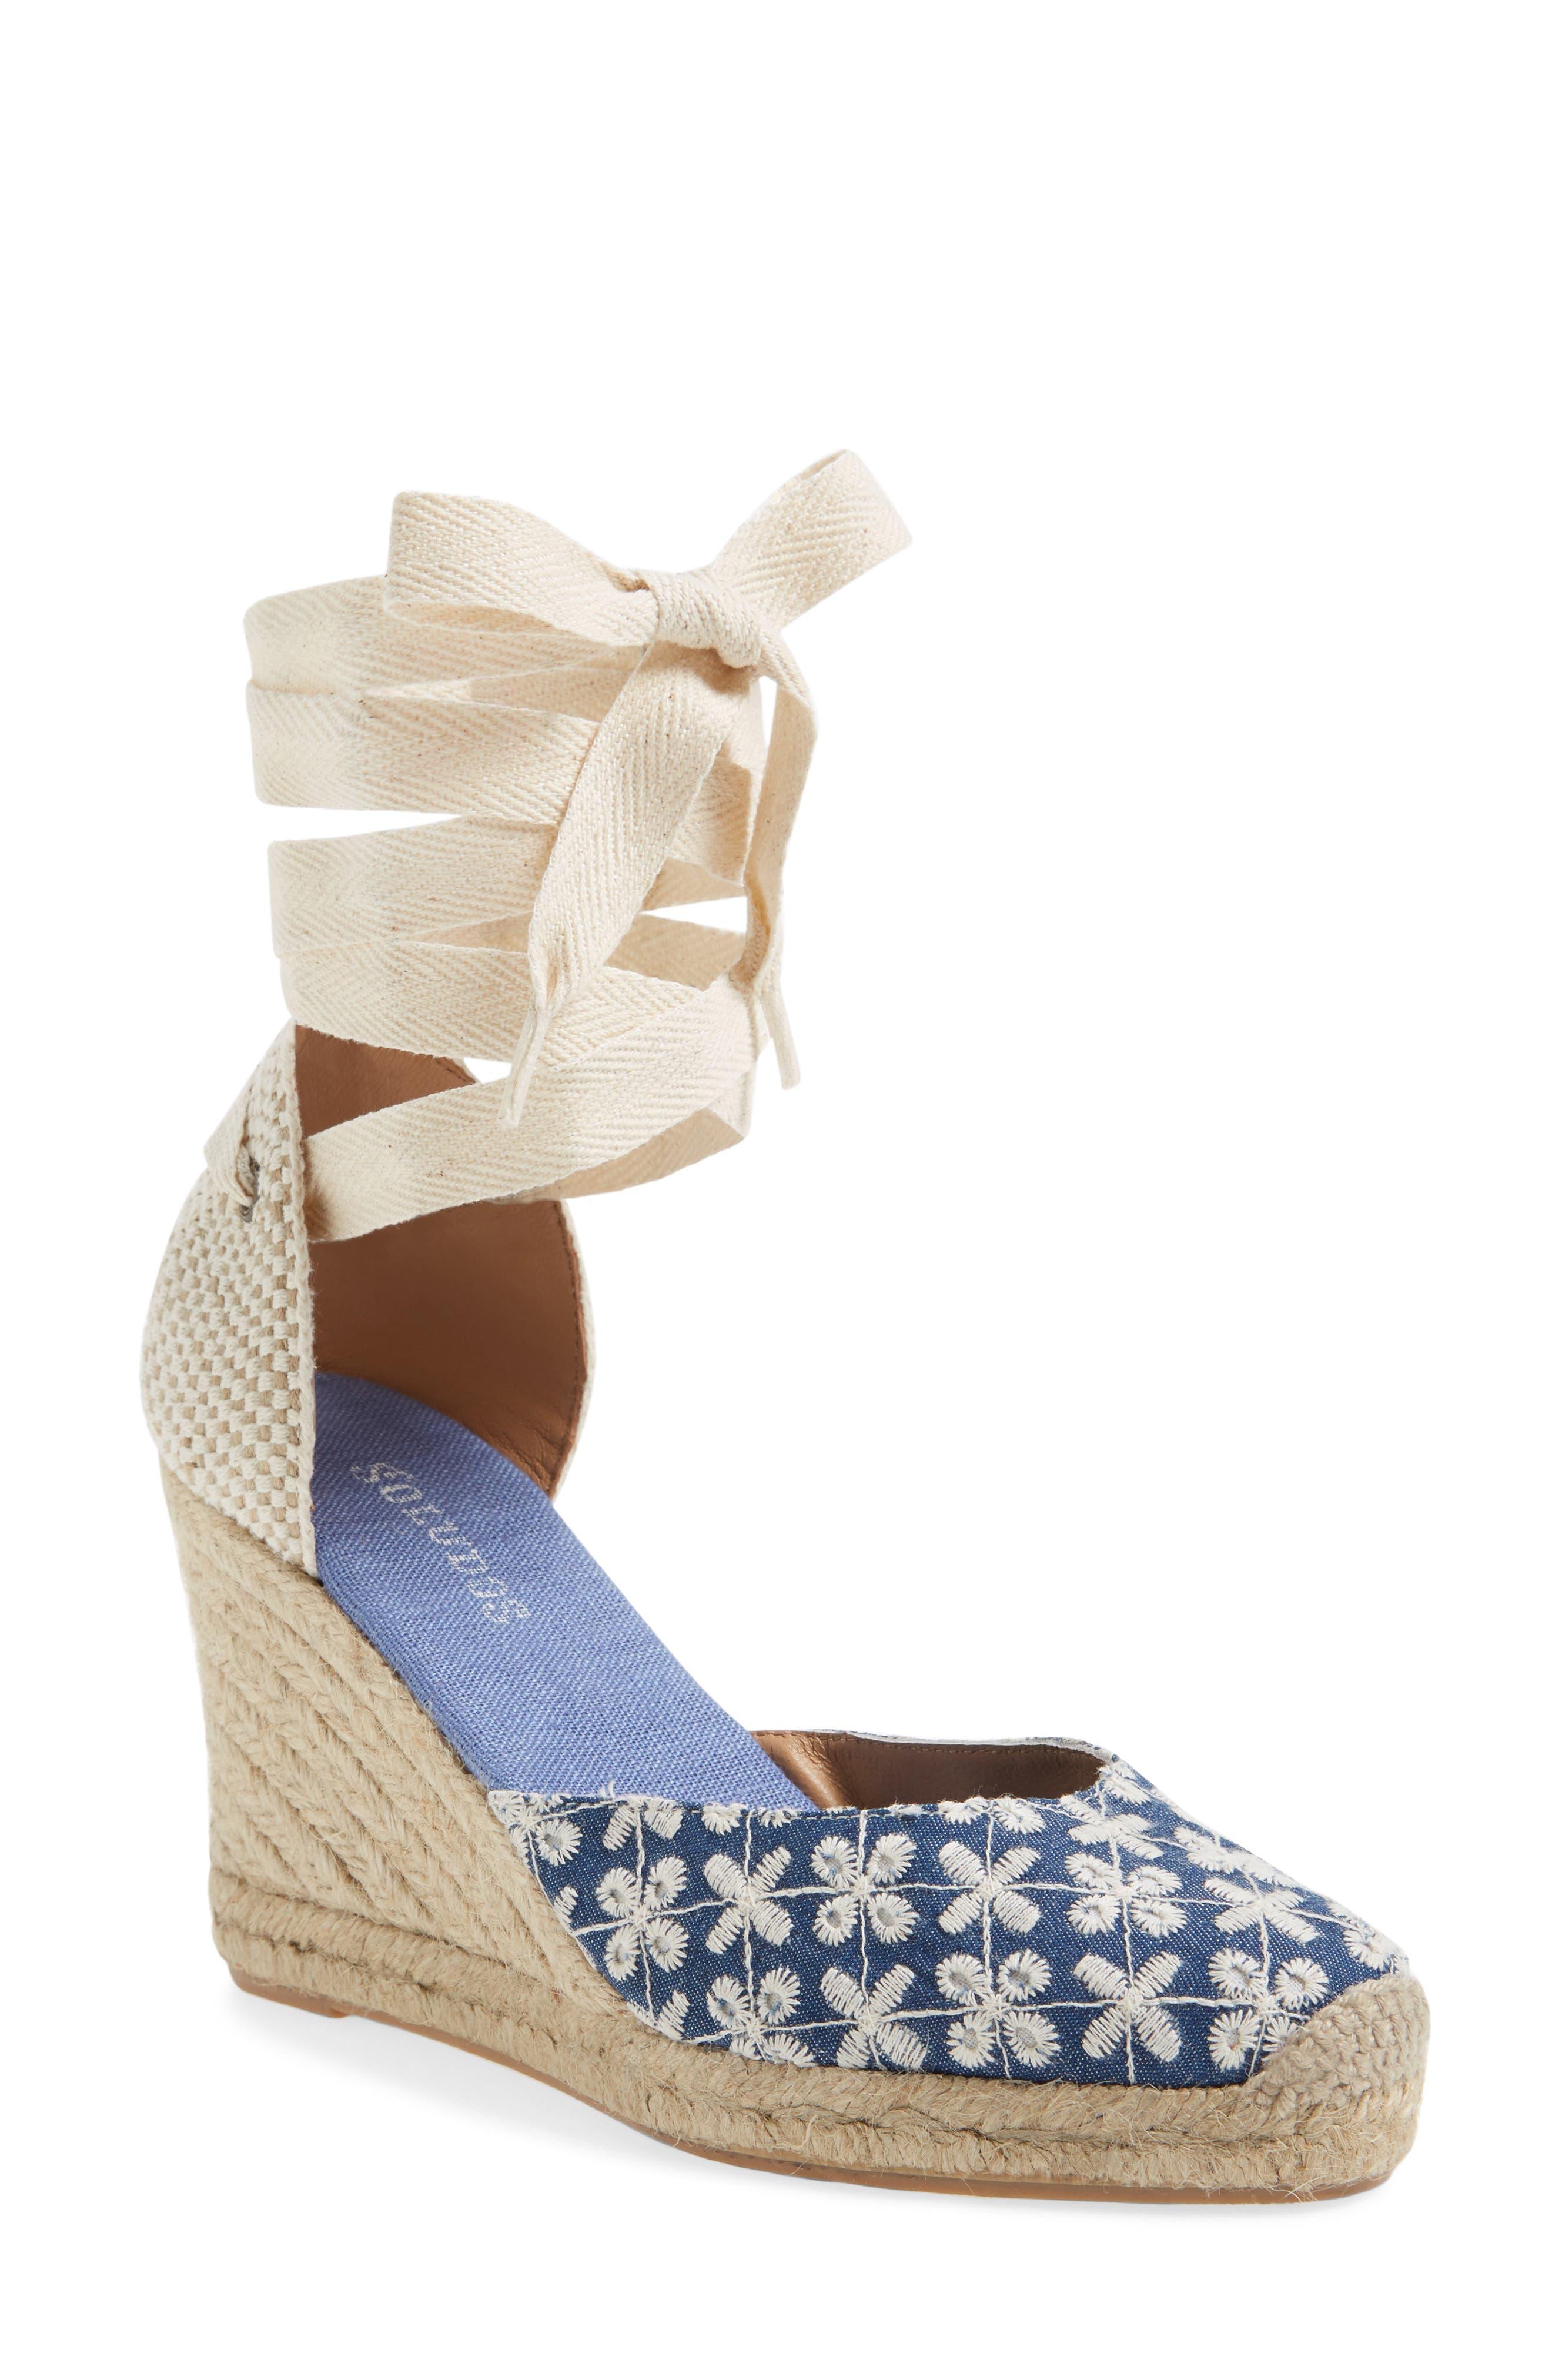 Main Image - Soludos Espadrille Wedge Sandal (Women)